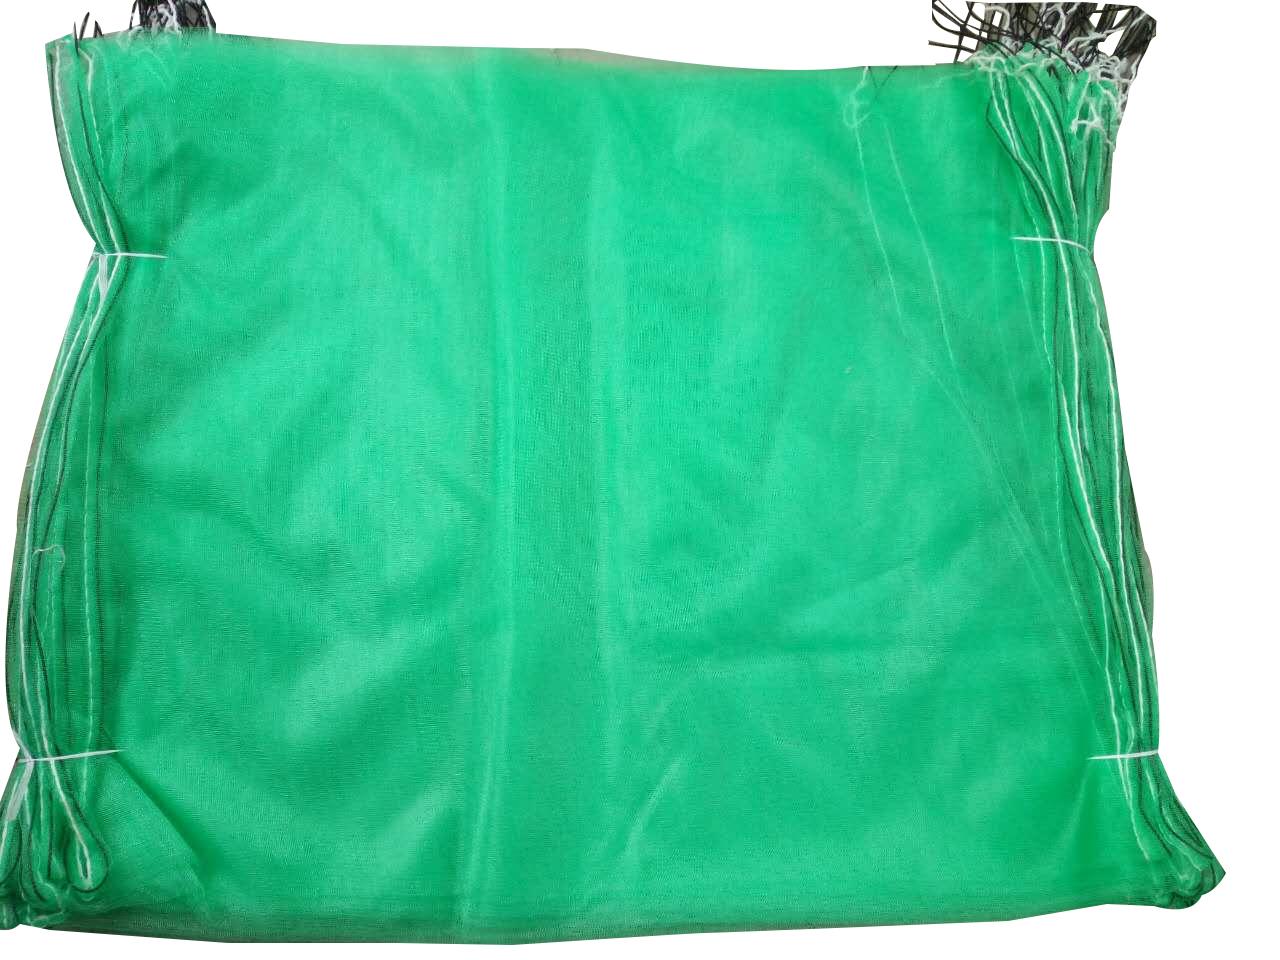 【全】网袋使用要点有哪些 分析提高网袋韧性性能和用途是否有关